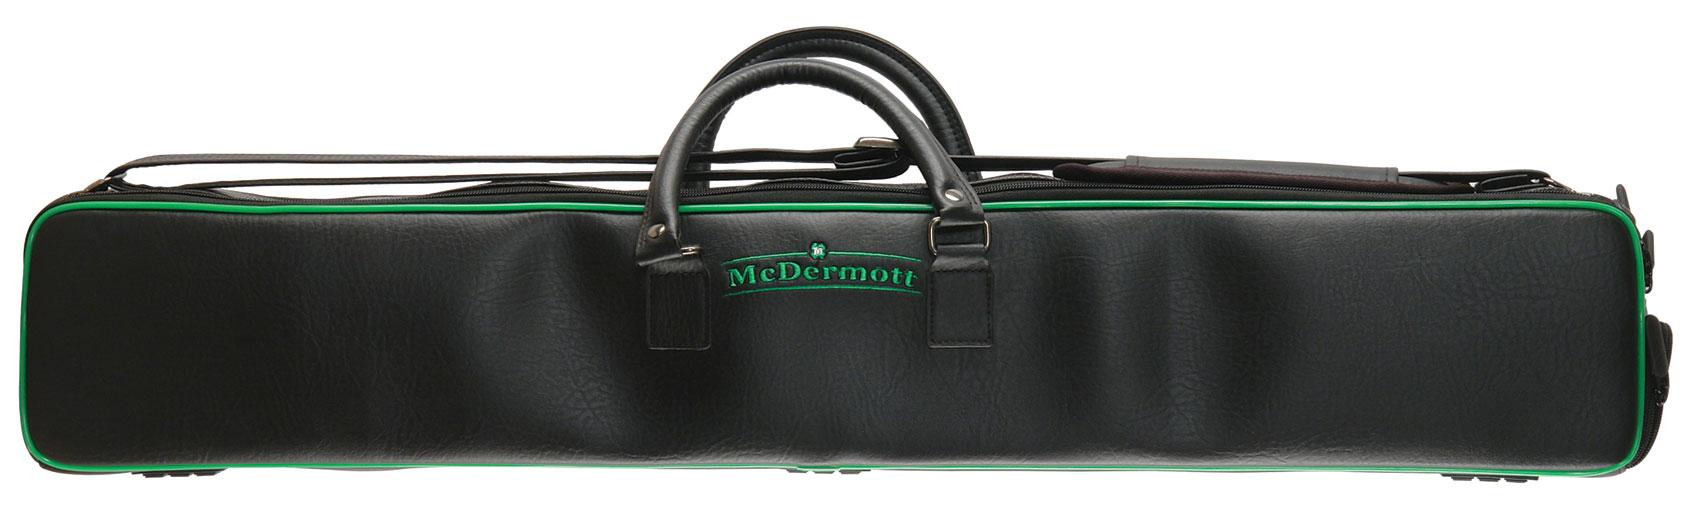 30080-mcdermott-kiikott-must